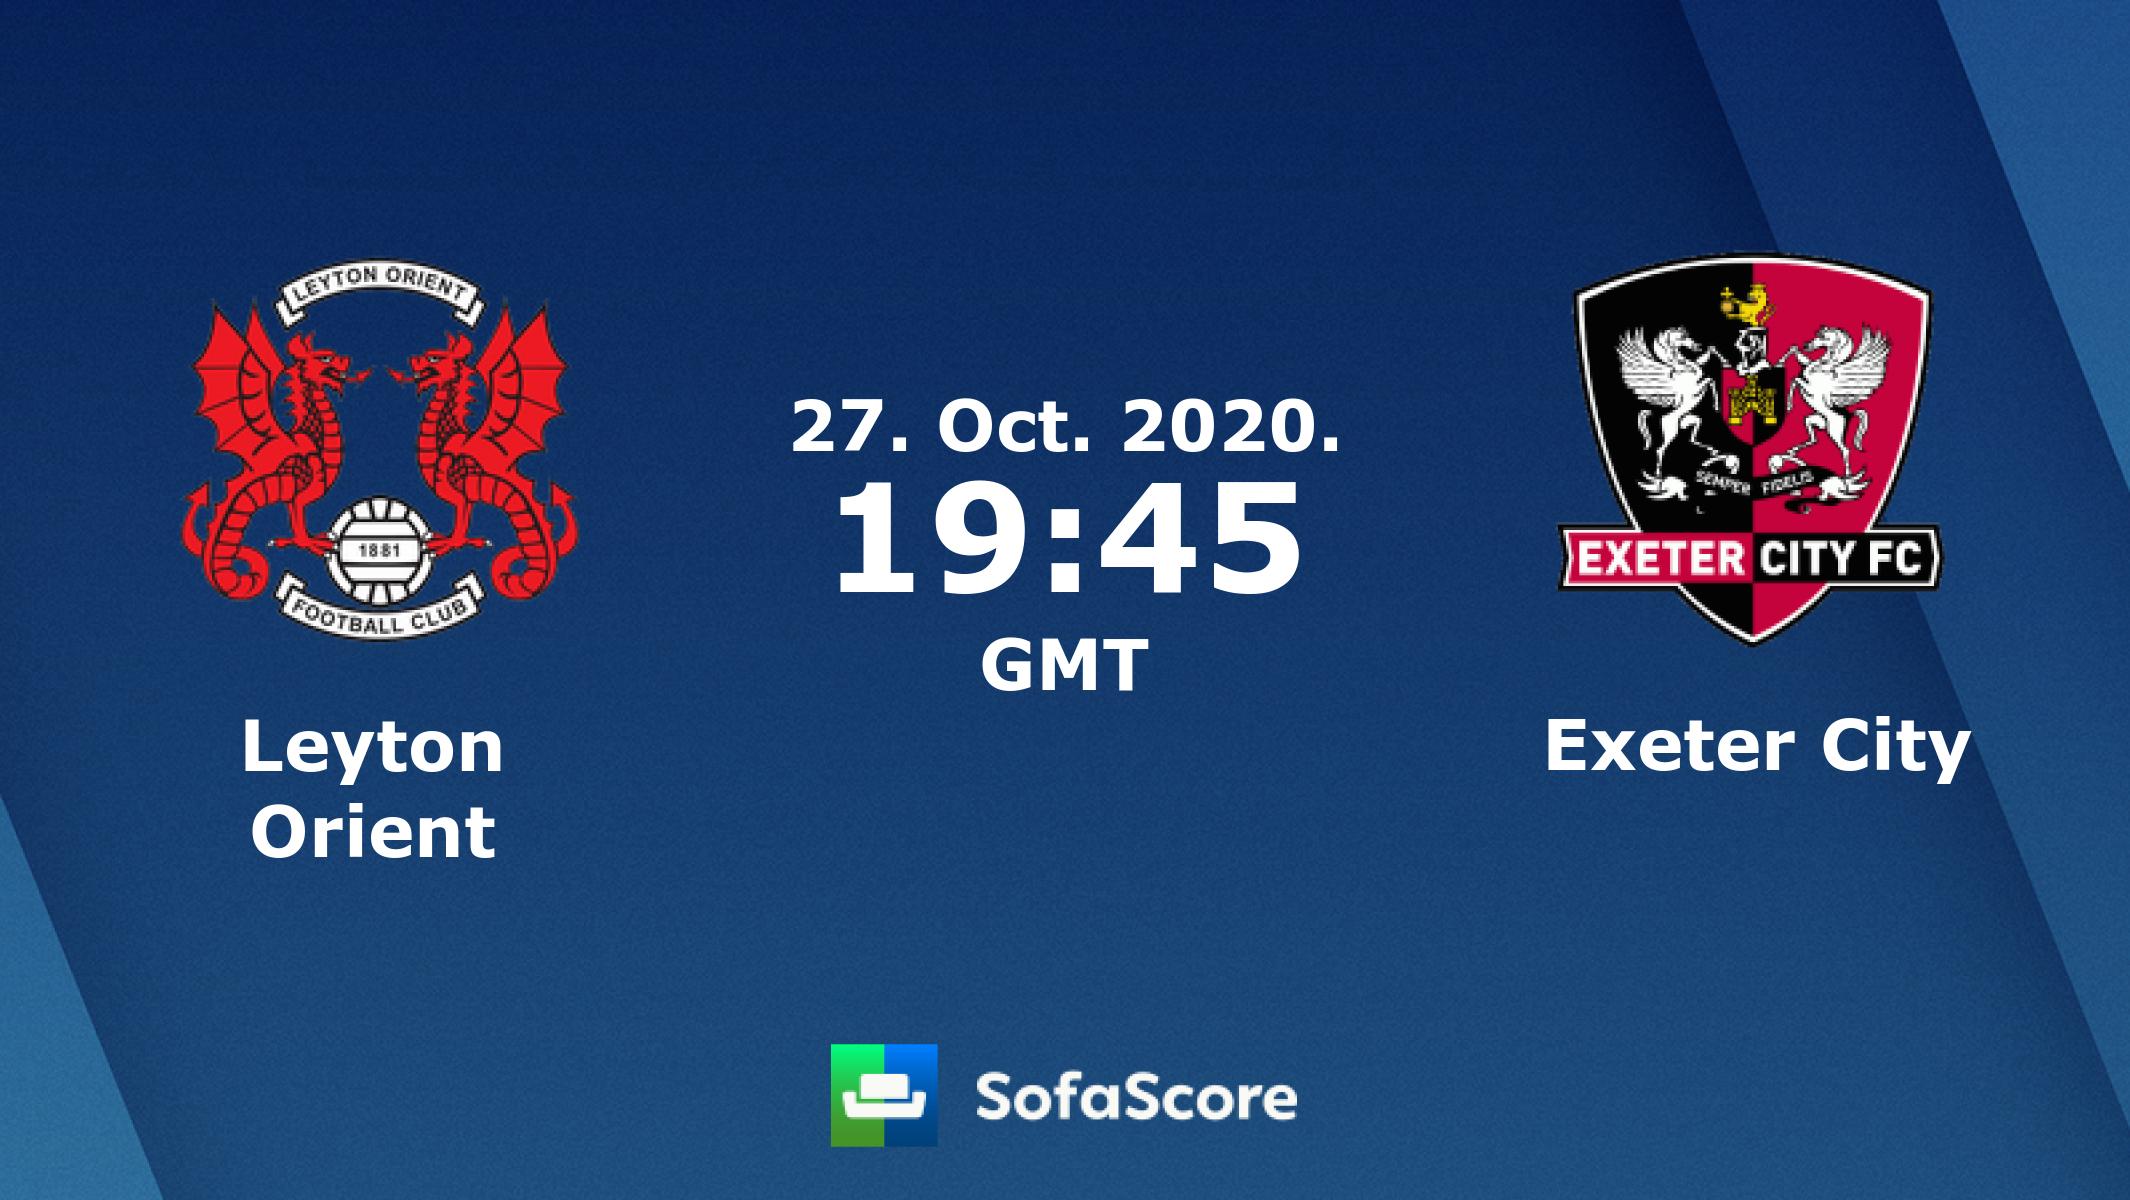 ليتون أورينت ضد إكستر الدوري الإنجليزي 2 لكرة القدم